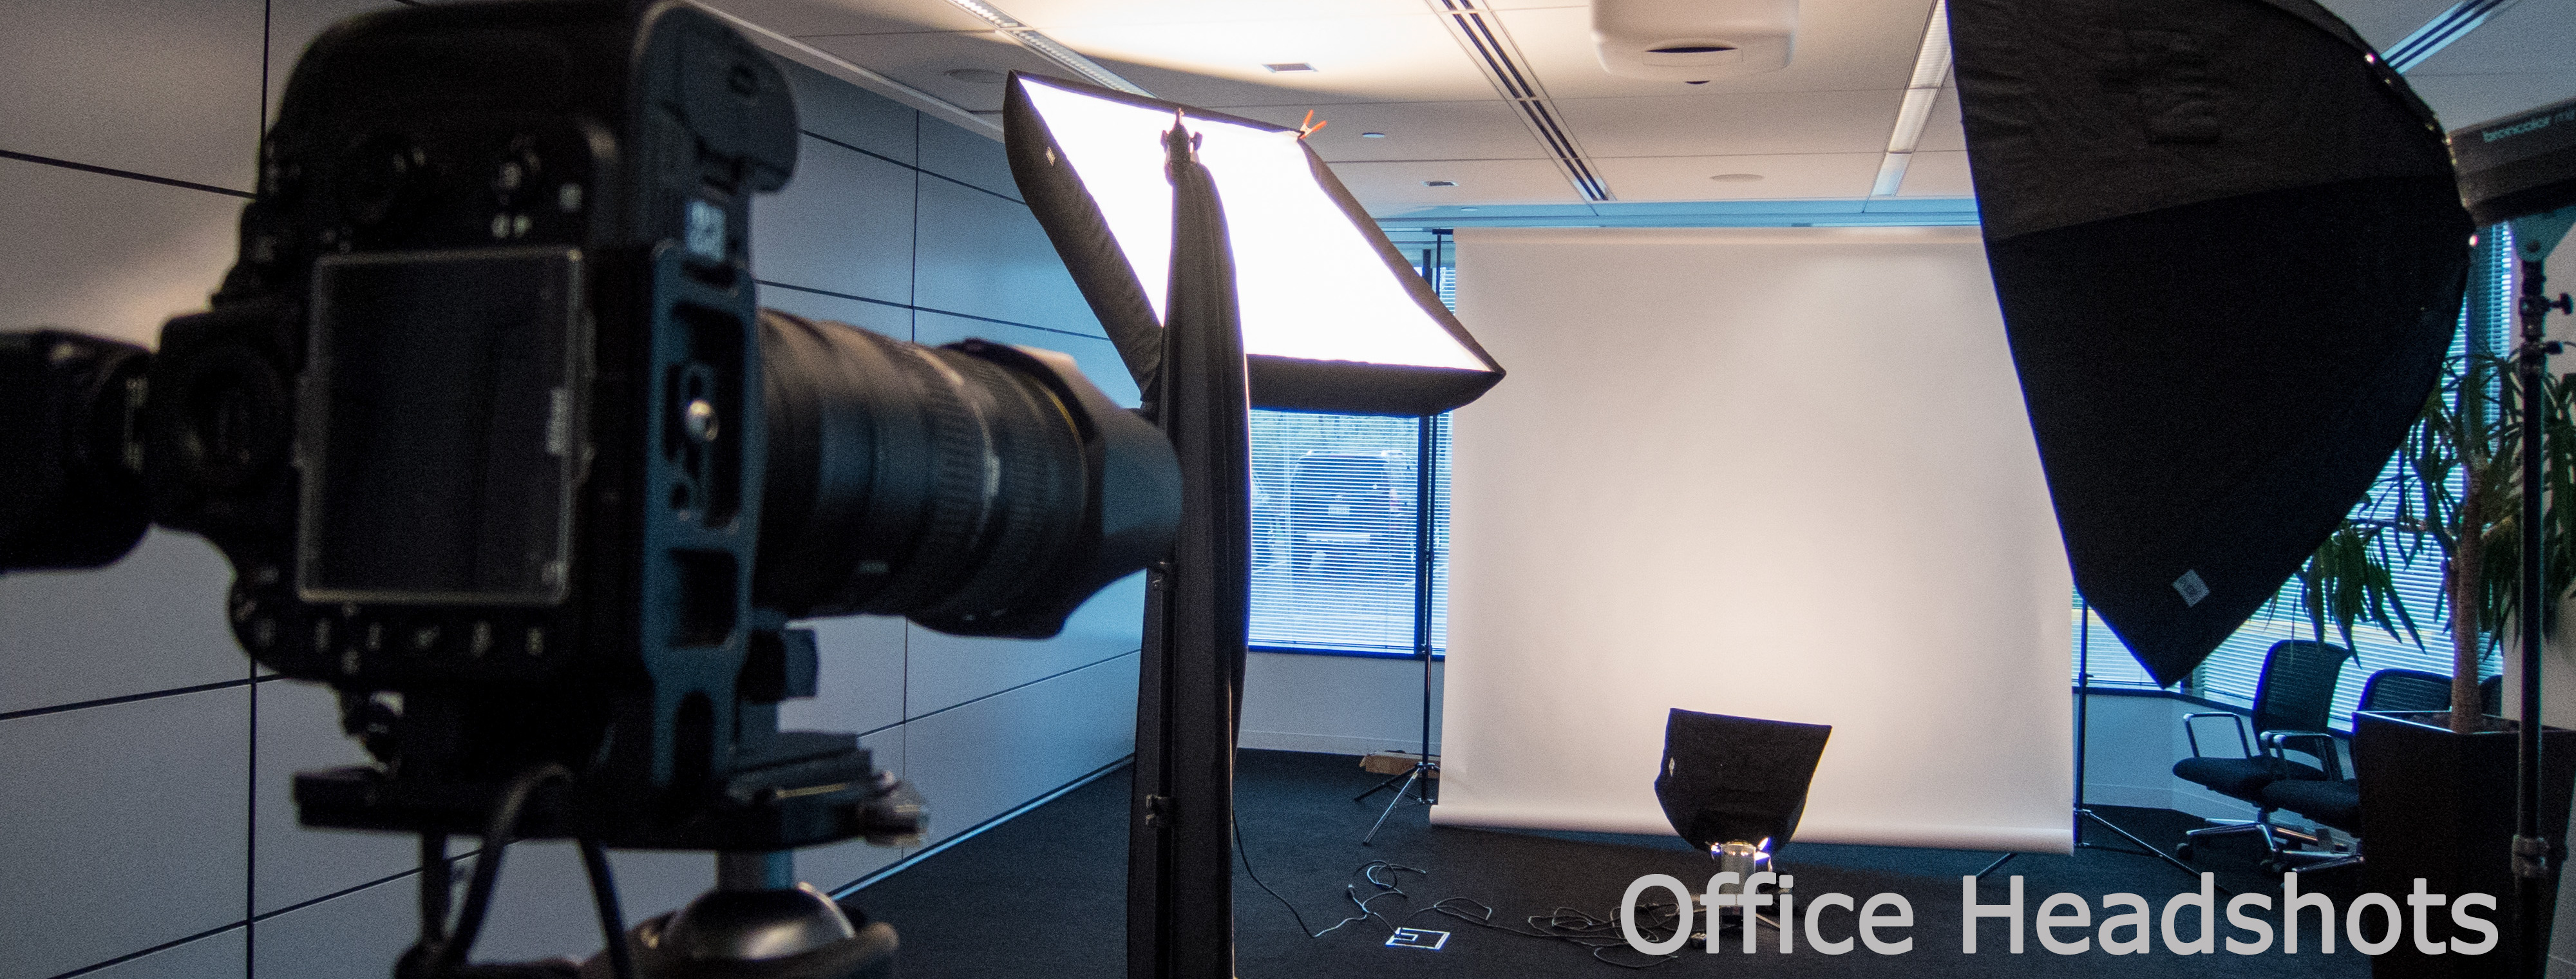 Office Headshots